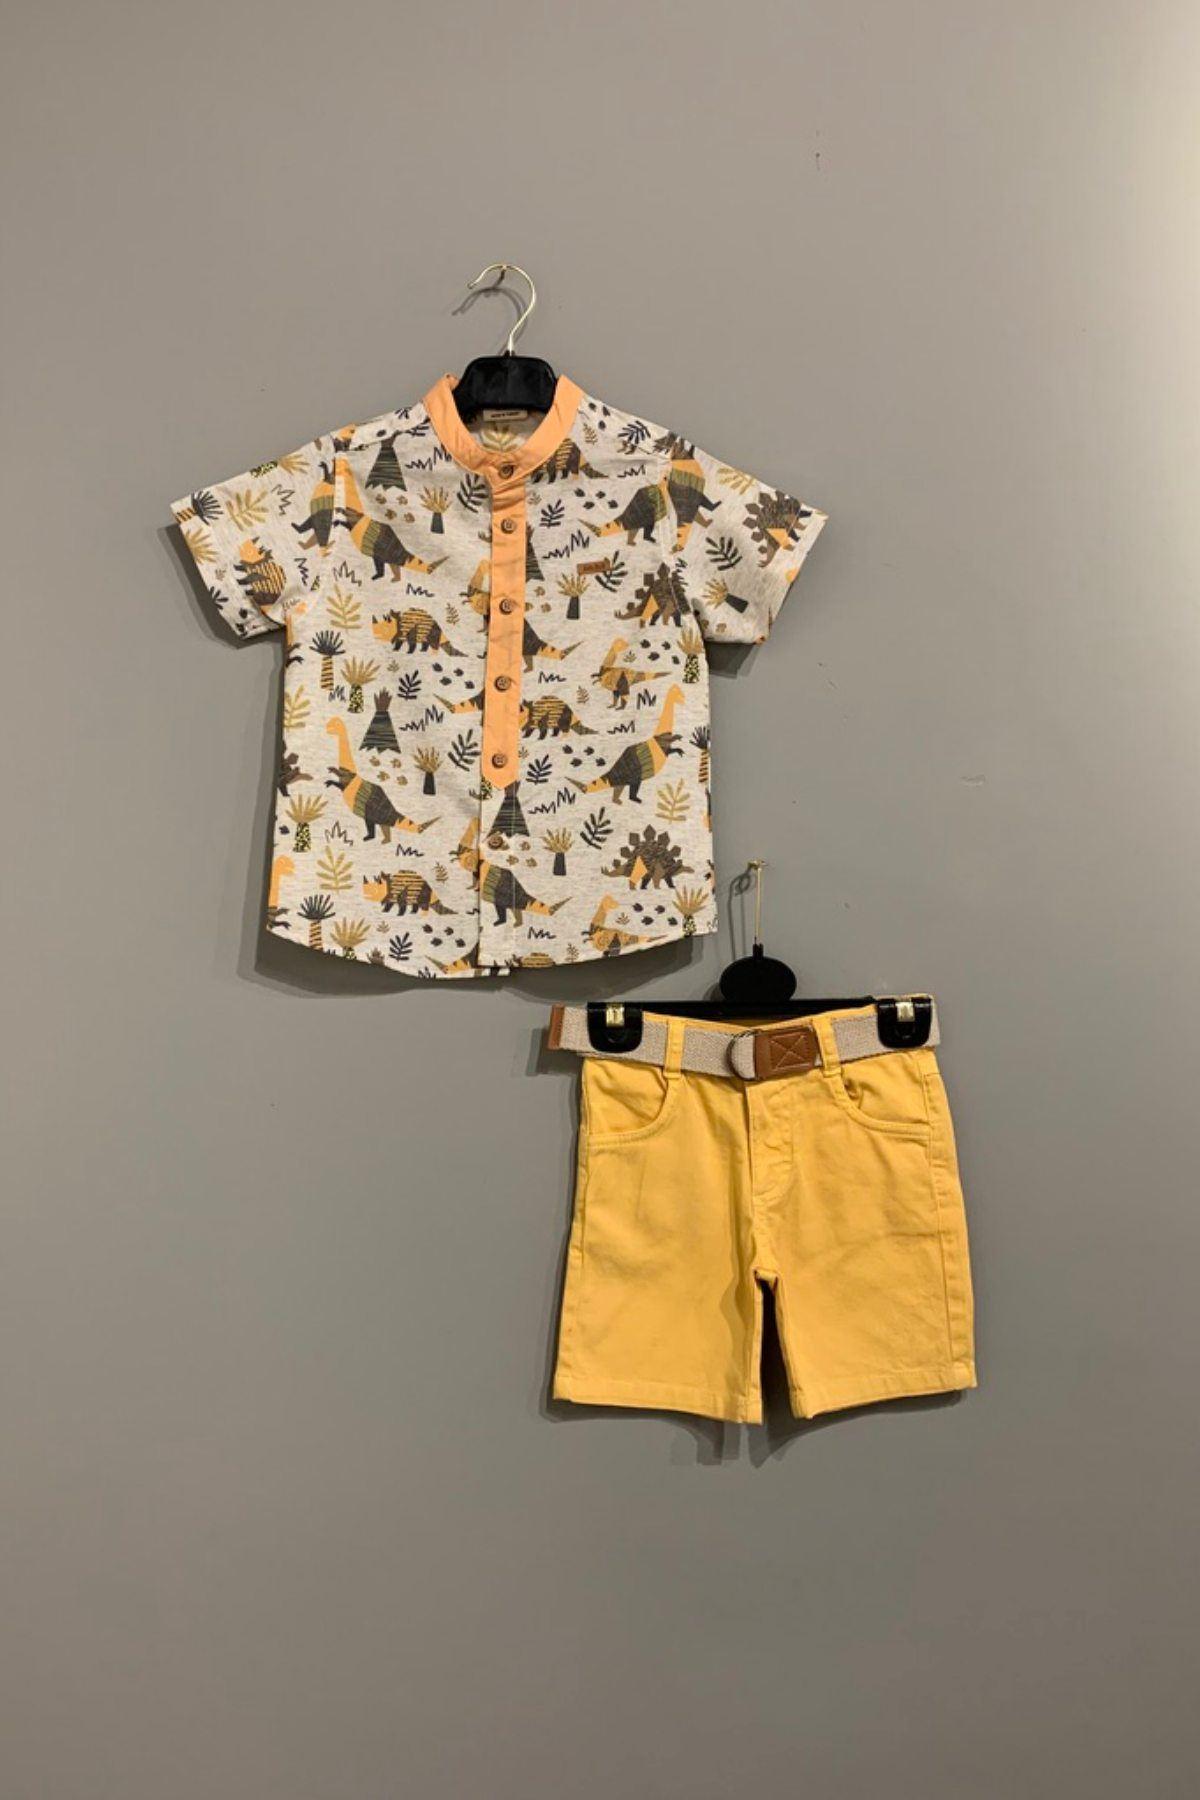 Sevimli Dinazor Figürlü Gömlek Takım - Hardal